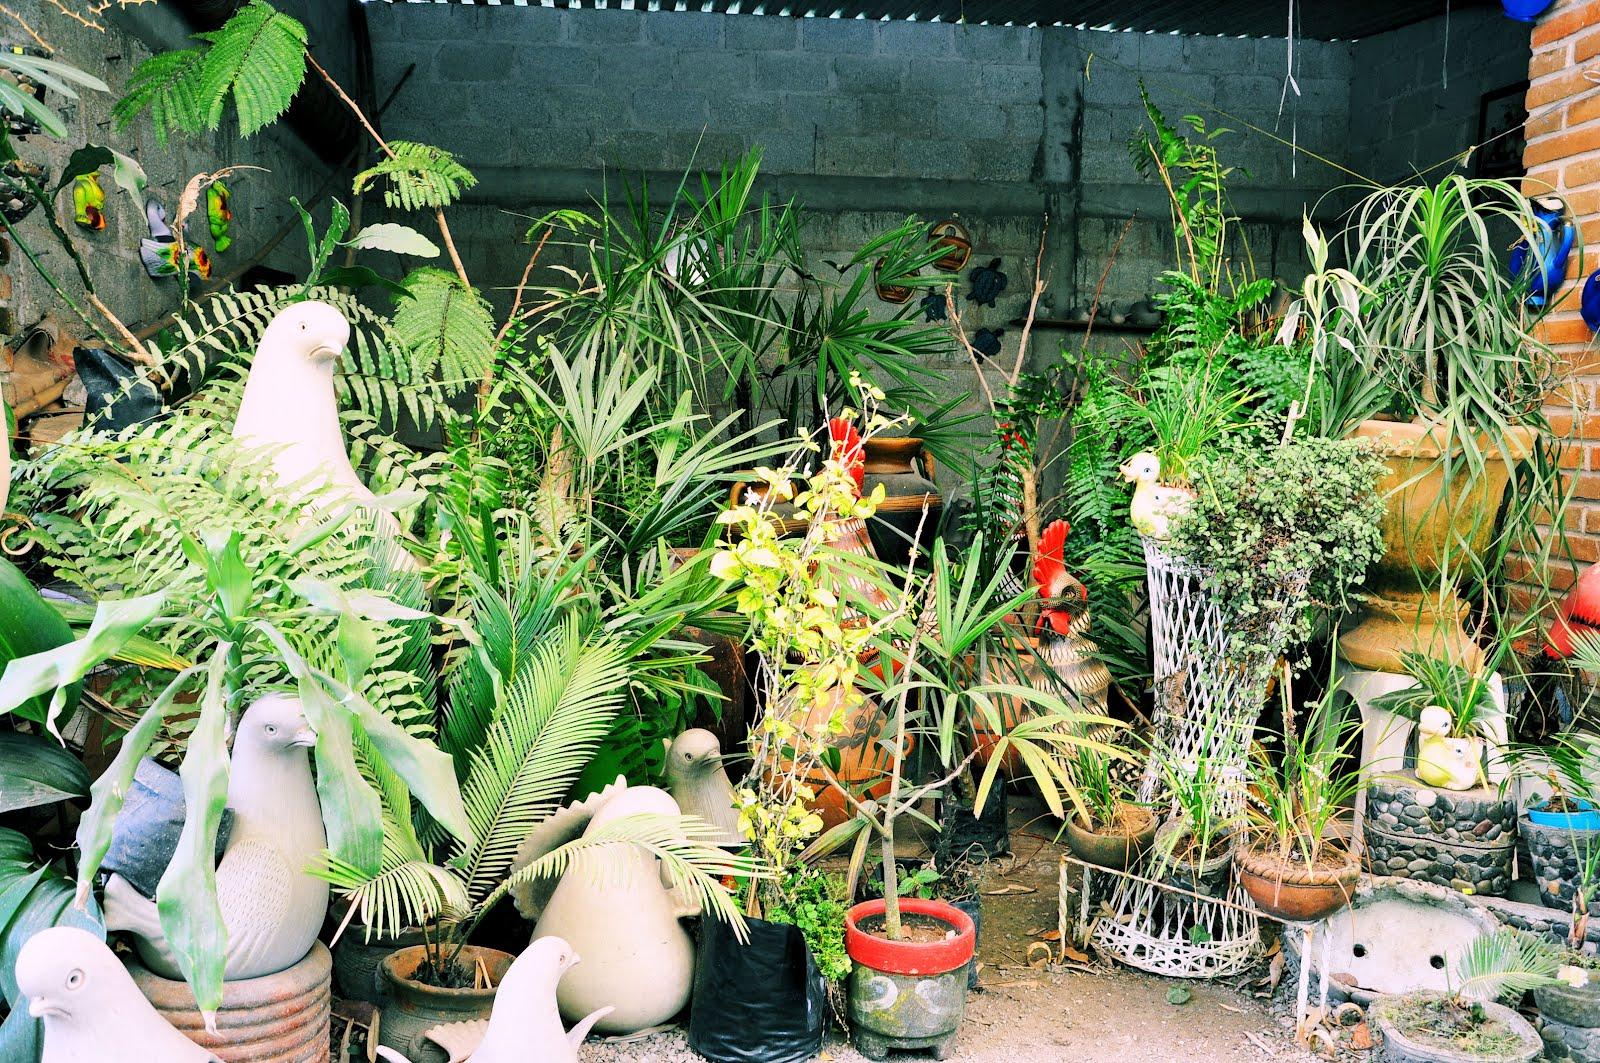 Directorio tlapacoyan vivero y venta de plantas a orillas for Todo para viveros